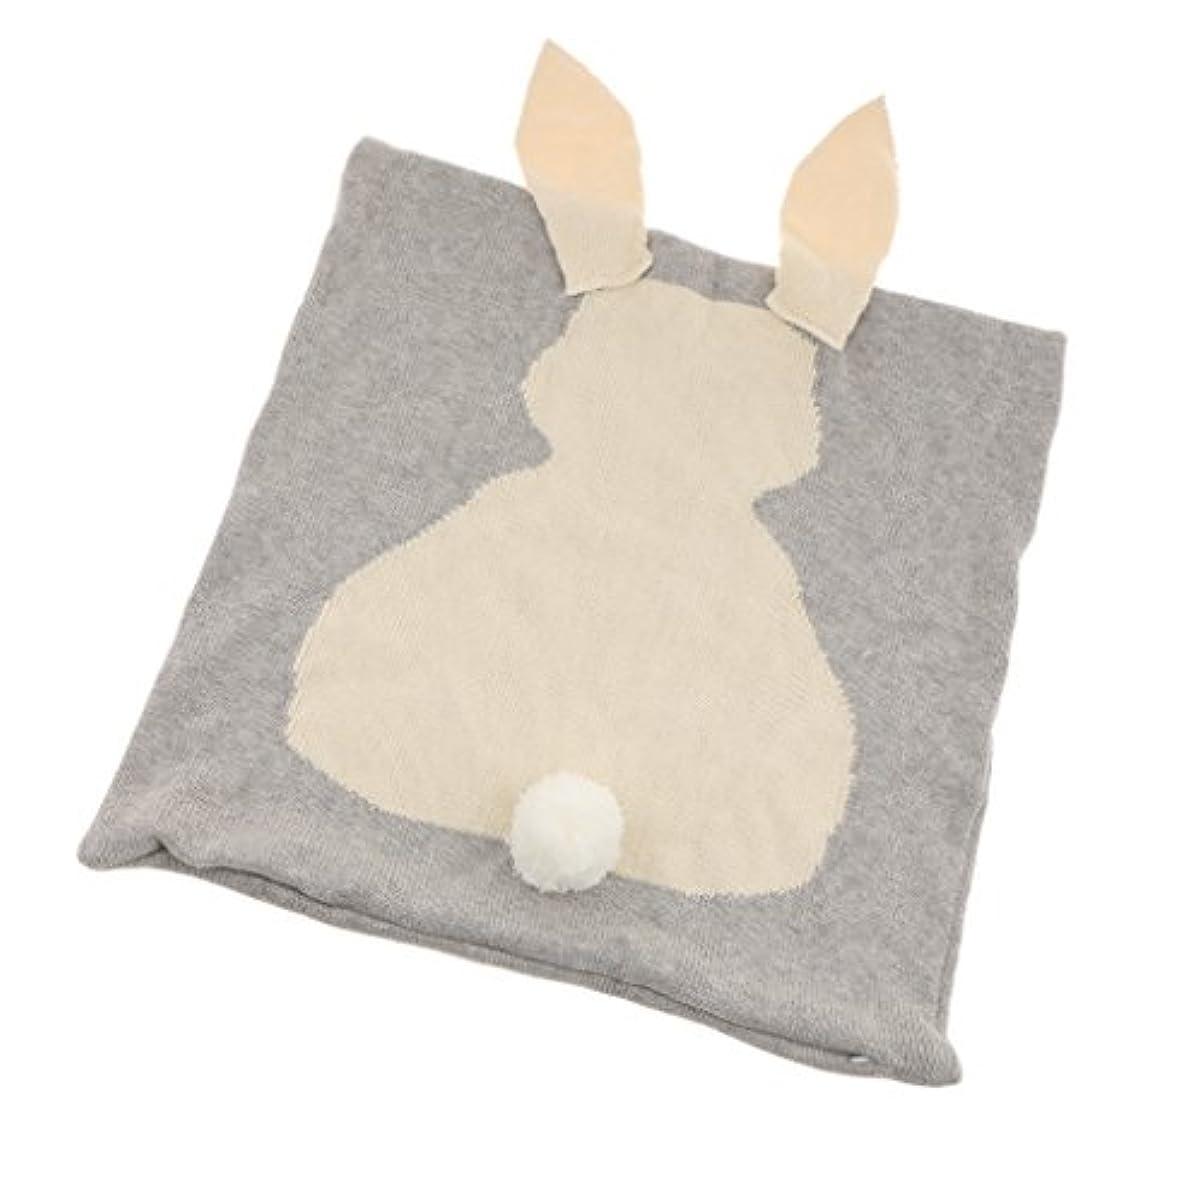 職人砦開発するコットンニットかわいいウサギ枕カバートロー枕ケース車のソファクッションカバー家の装飾(45 Cm X 45 Cm) - グレー